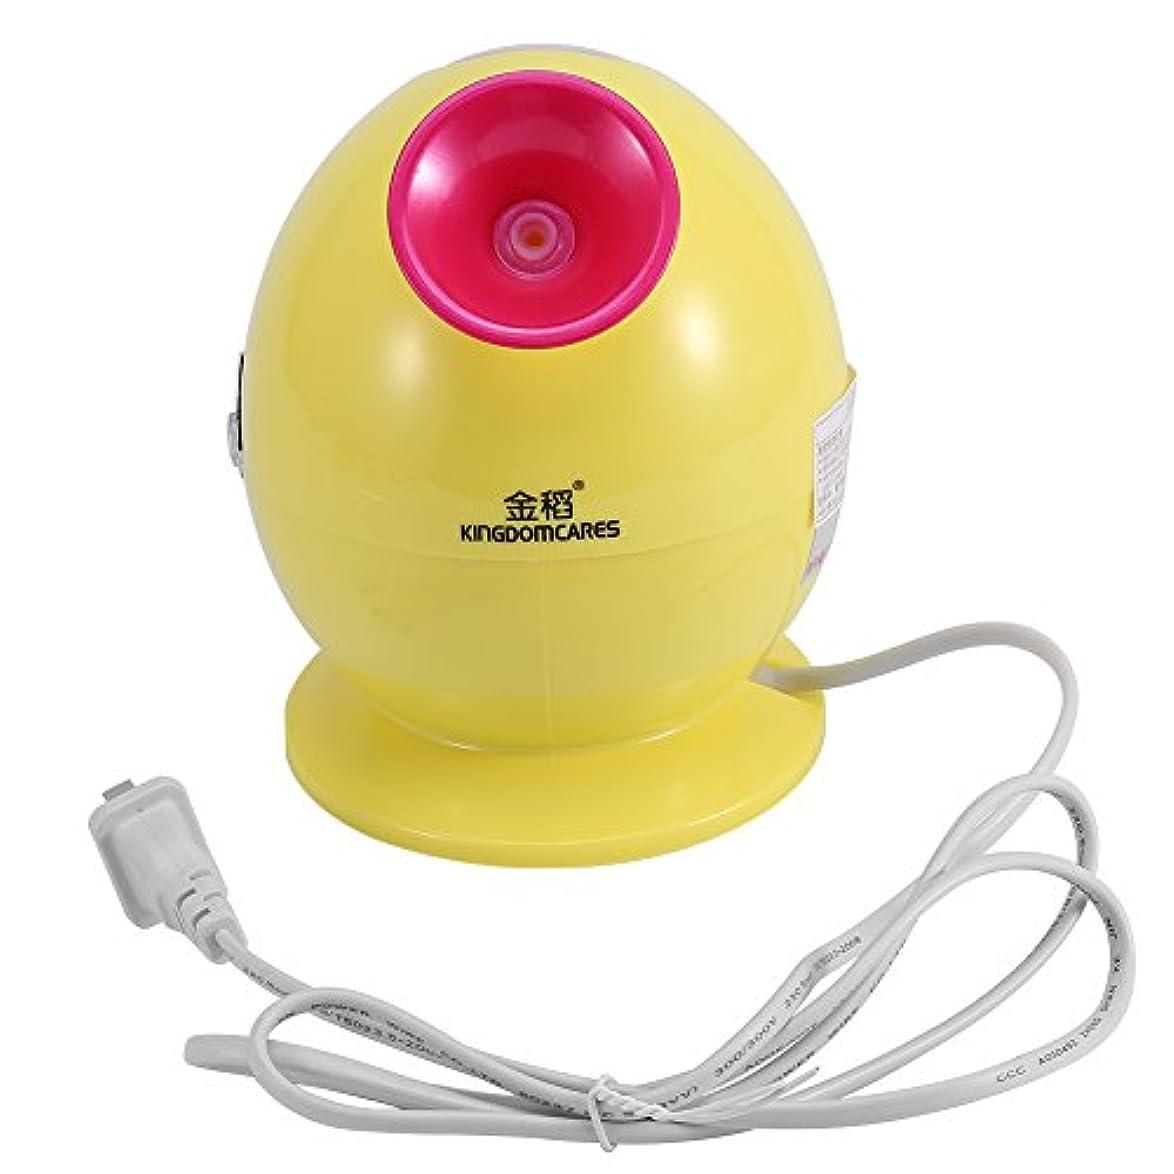 責めネクタイ振り向くナノイオンヒーター、ホットミスト加湿器ファミリーサウナSPAスキンケア(黄色)